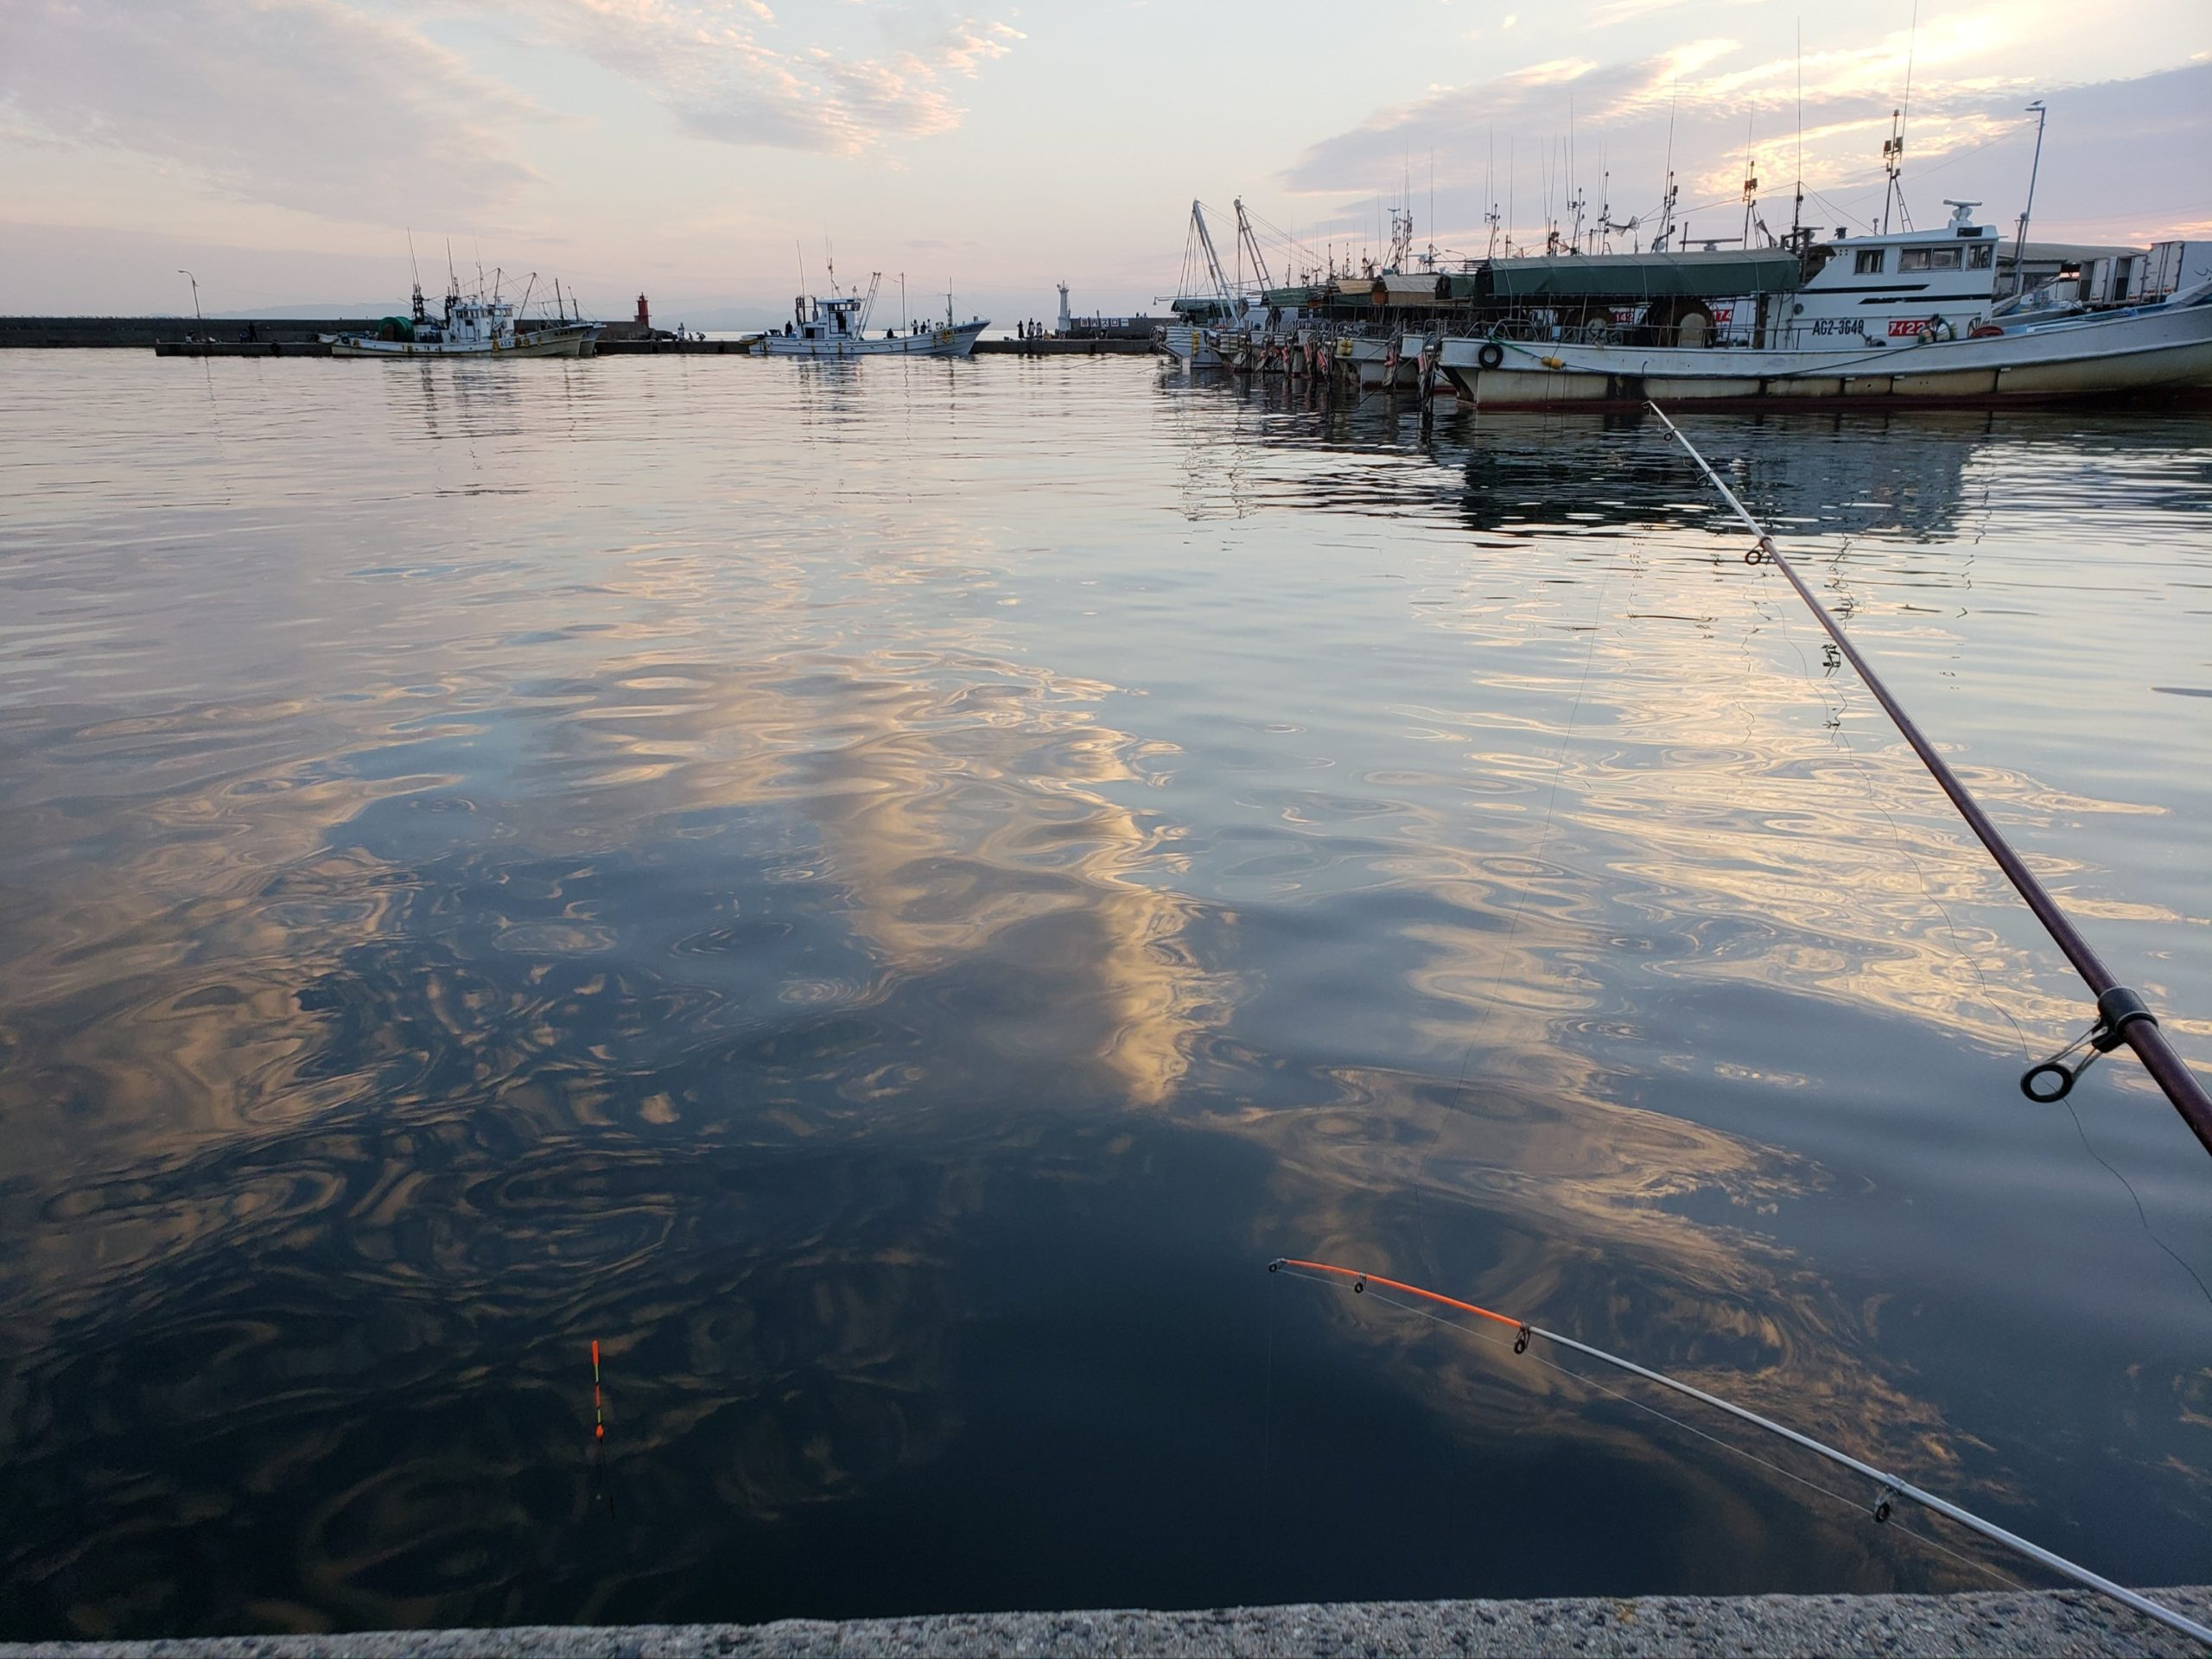 釣りにオススメの穴場を探すコツ